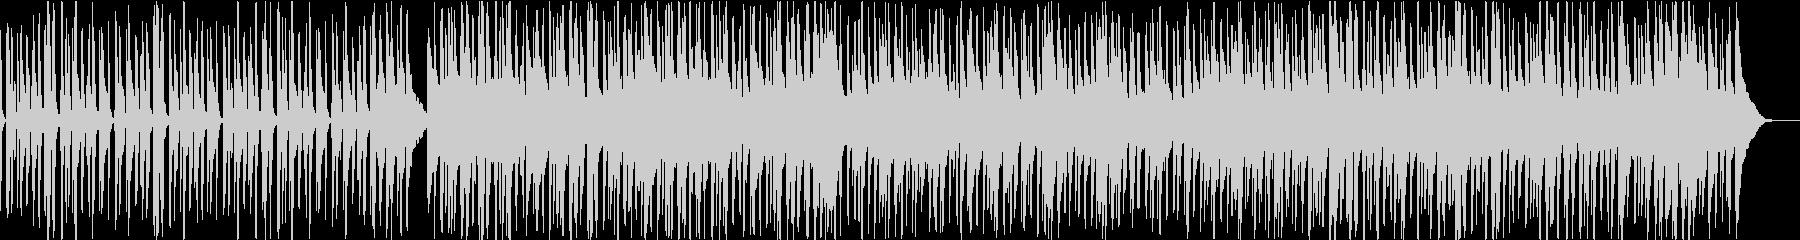 口笛のかわいい映像系の曲の未再生の波形